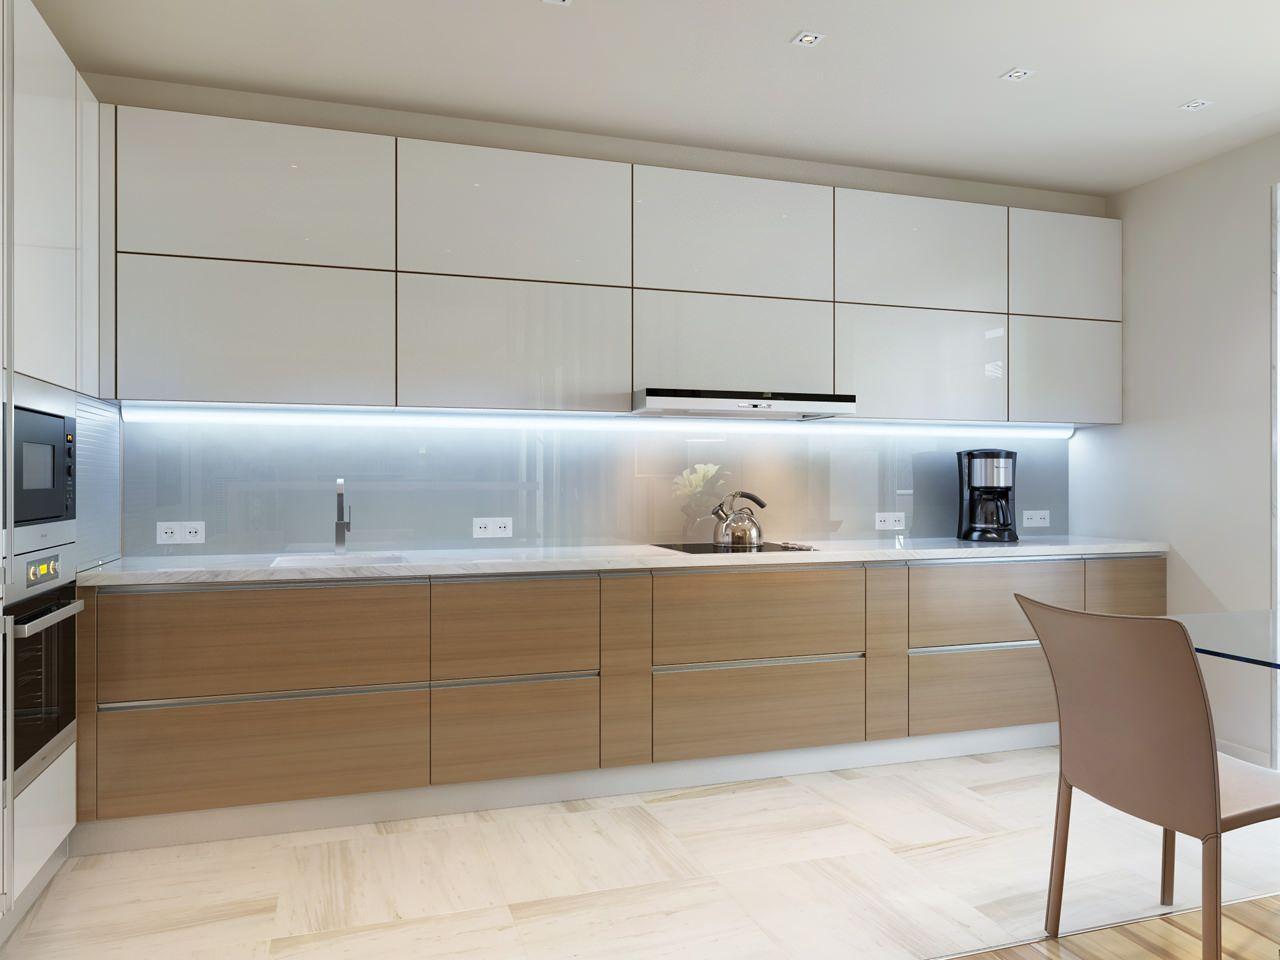 dise o de muebles de cocina modernos cocina preciosa